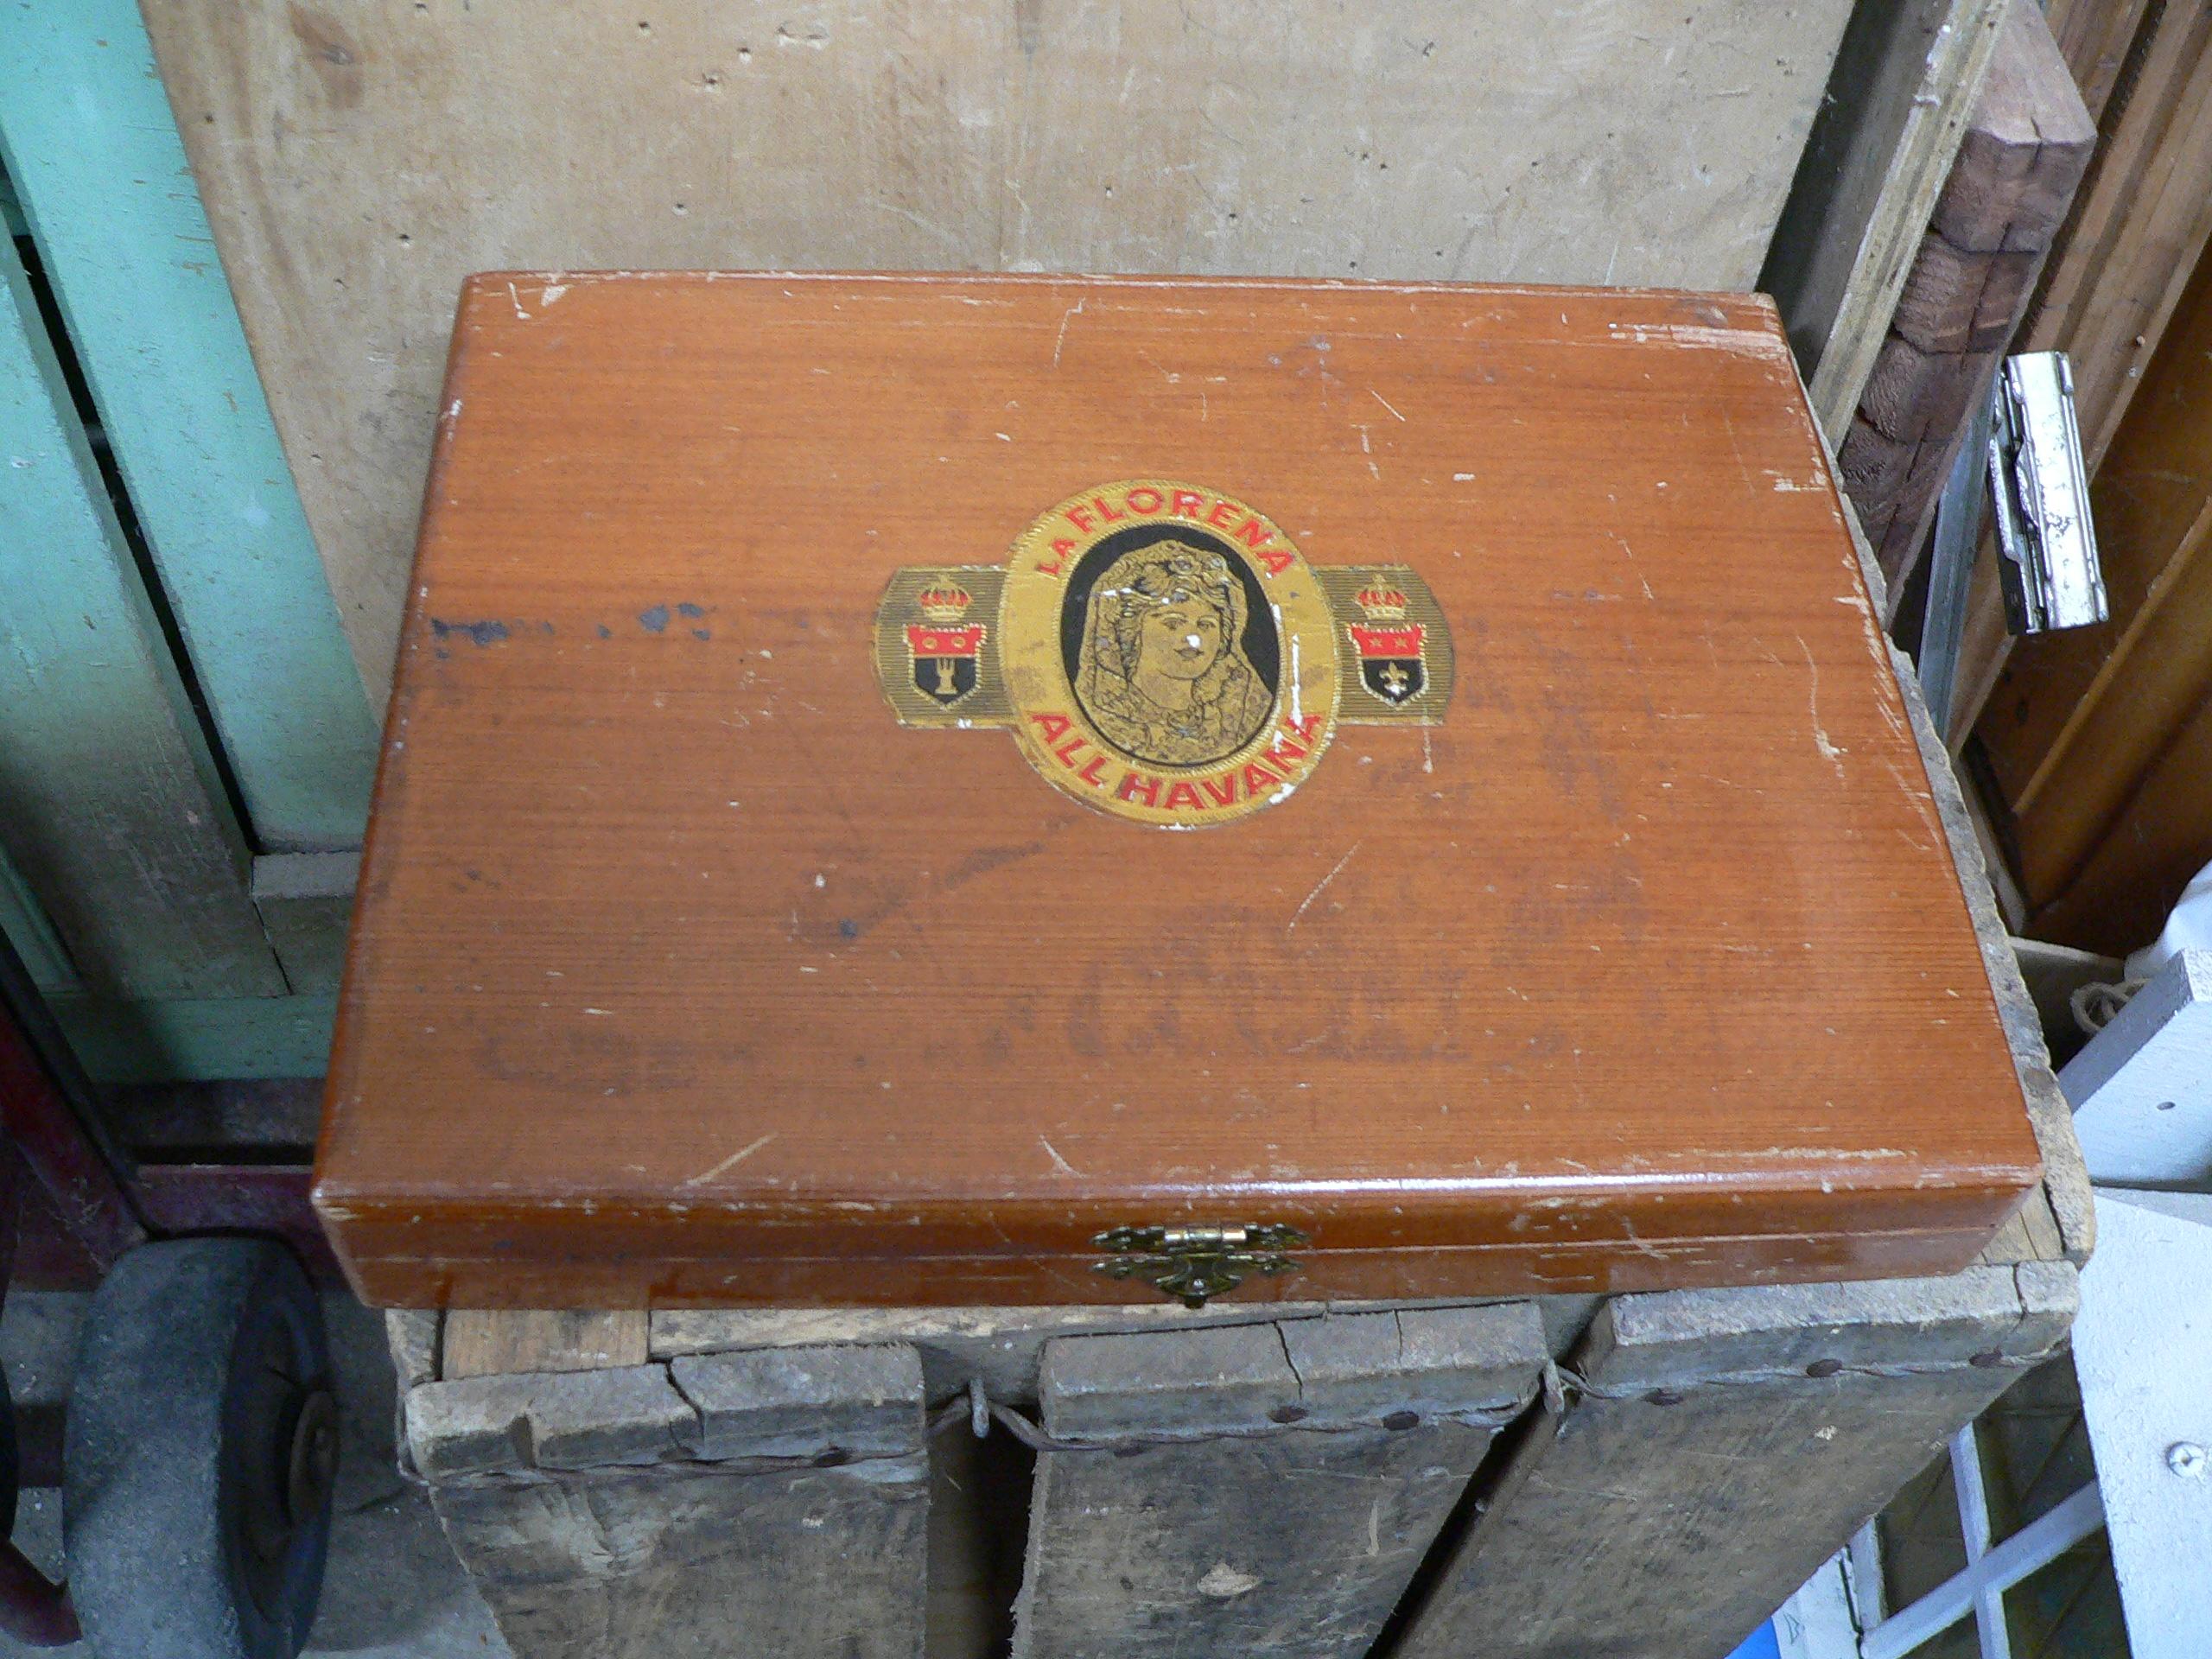 Boite de cigare antique # 6096.1